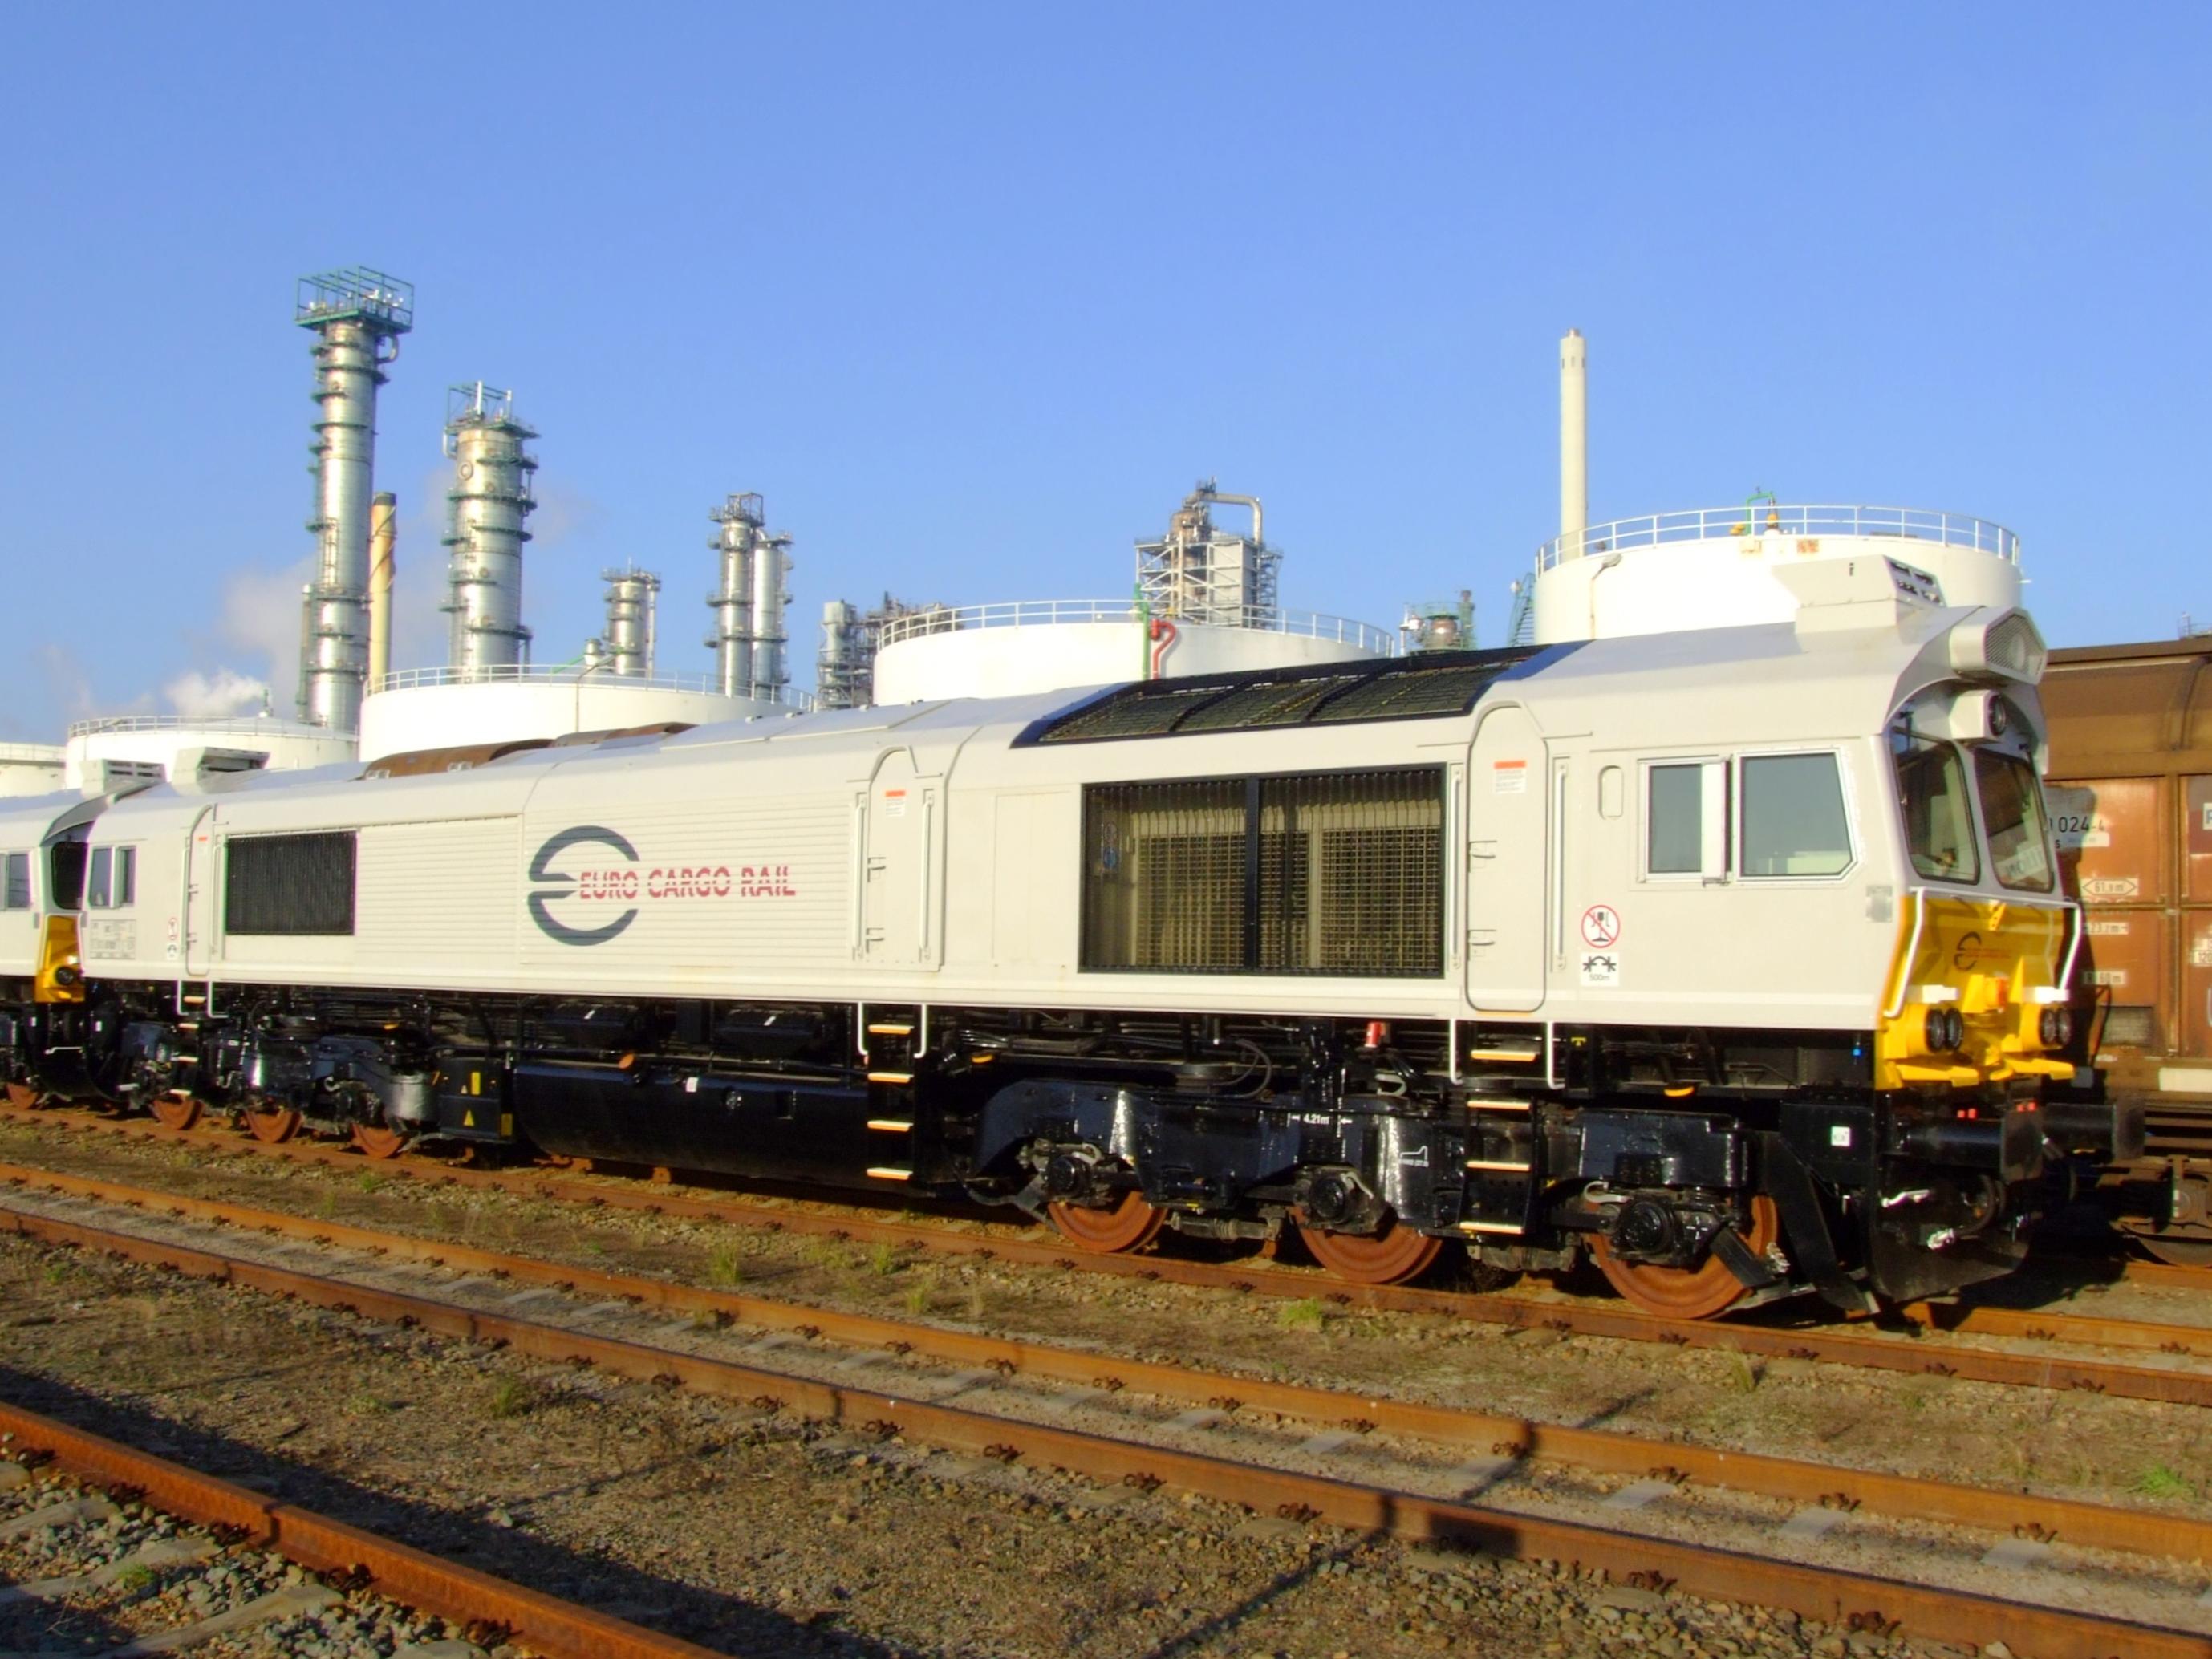 Db schenker train